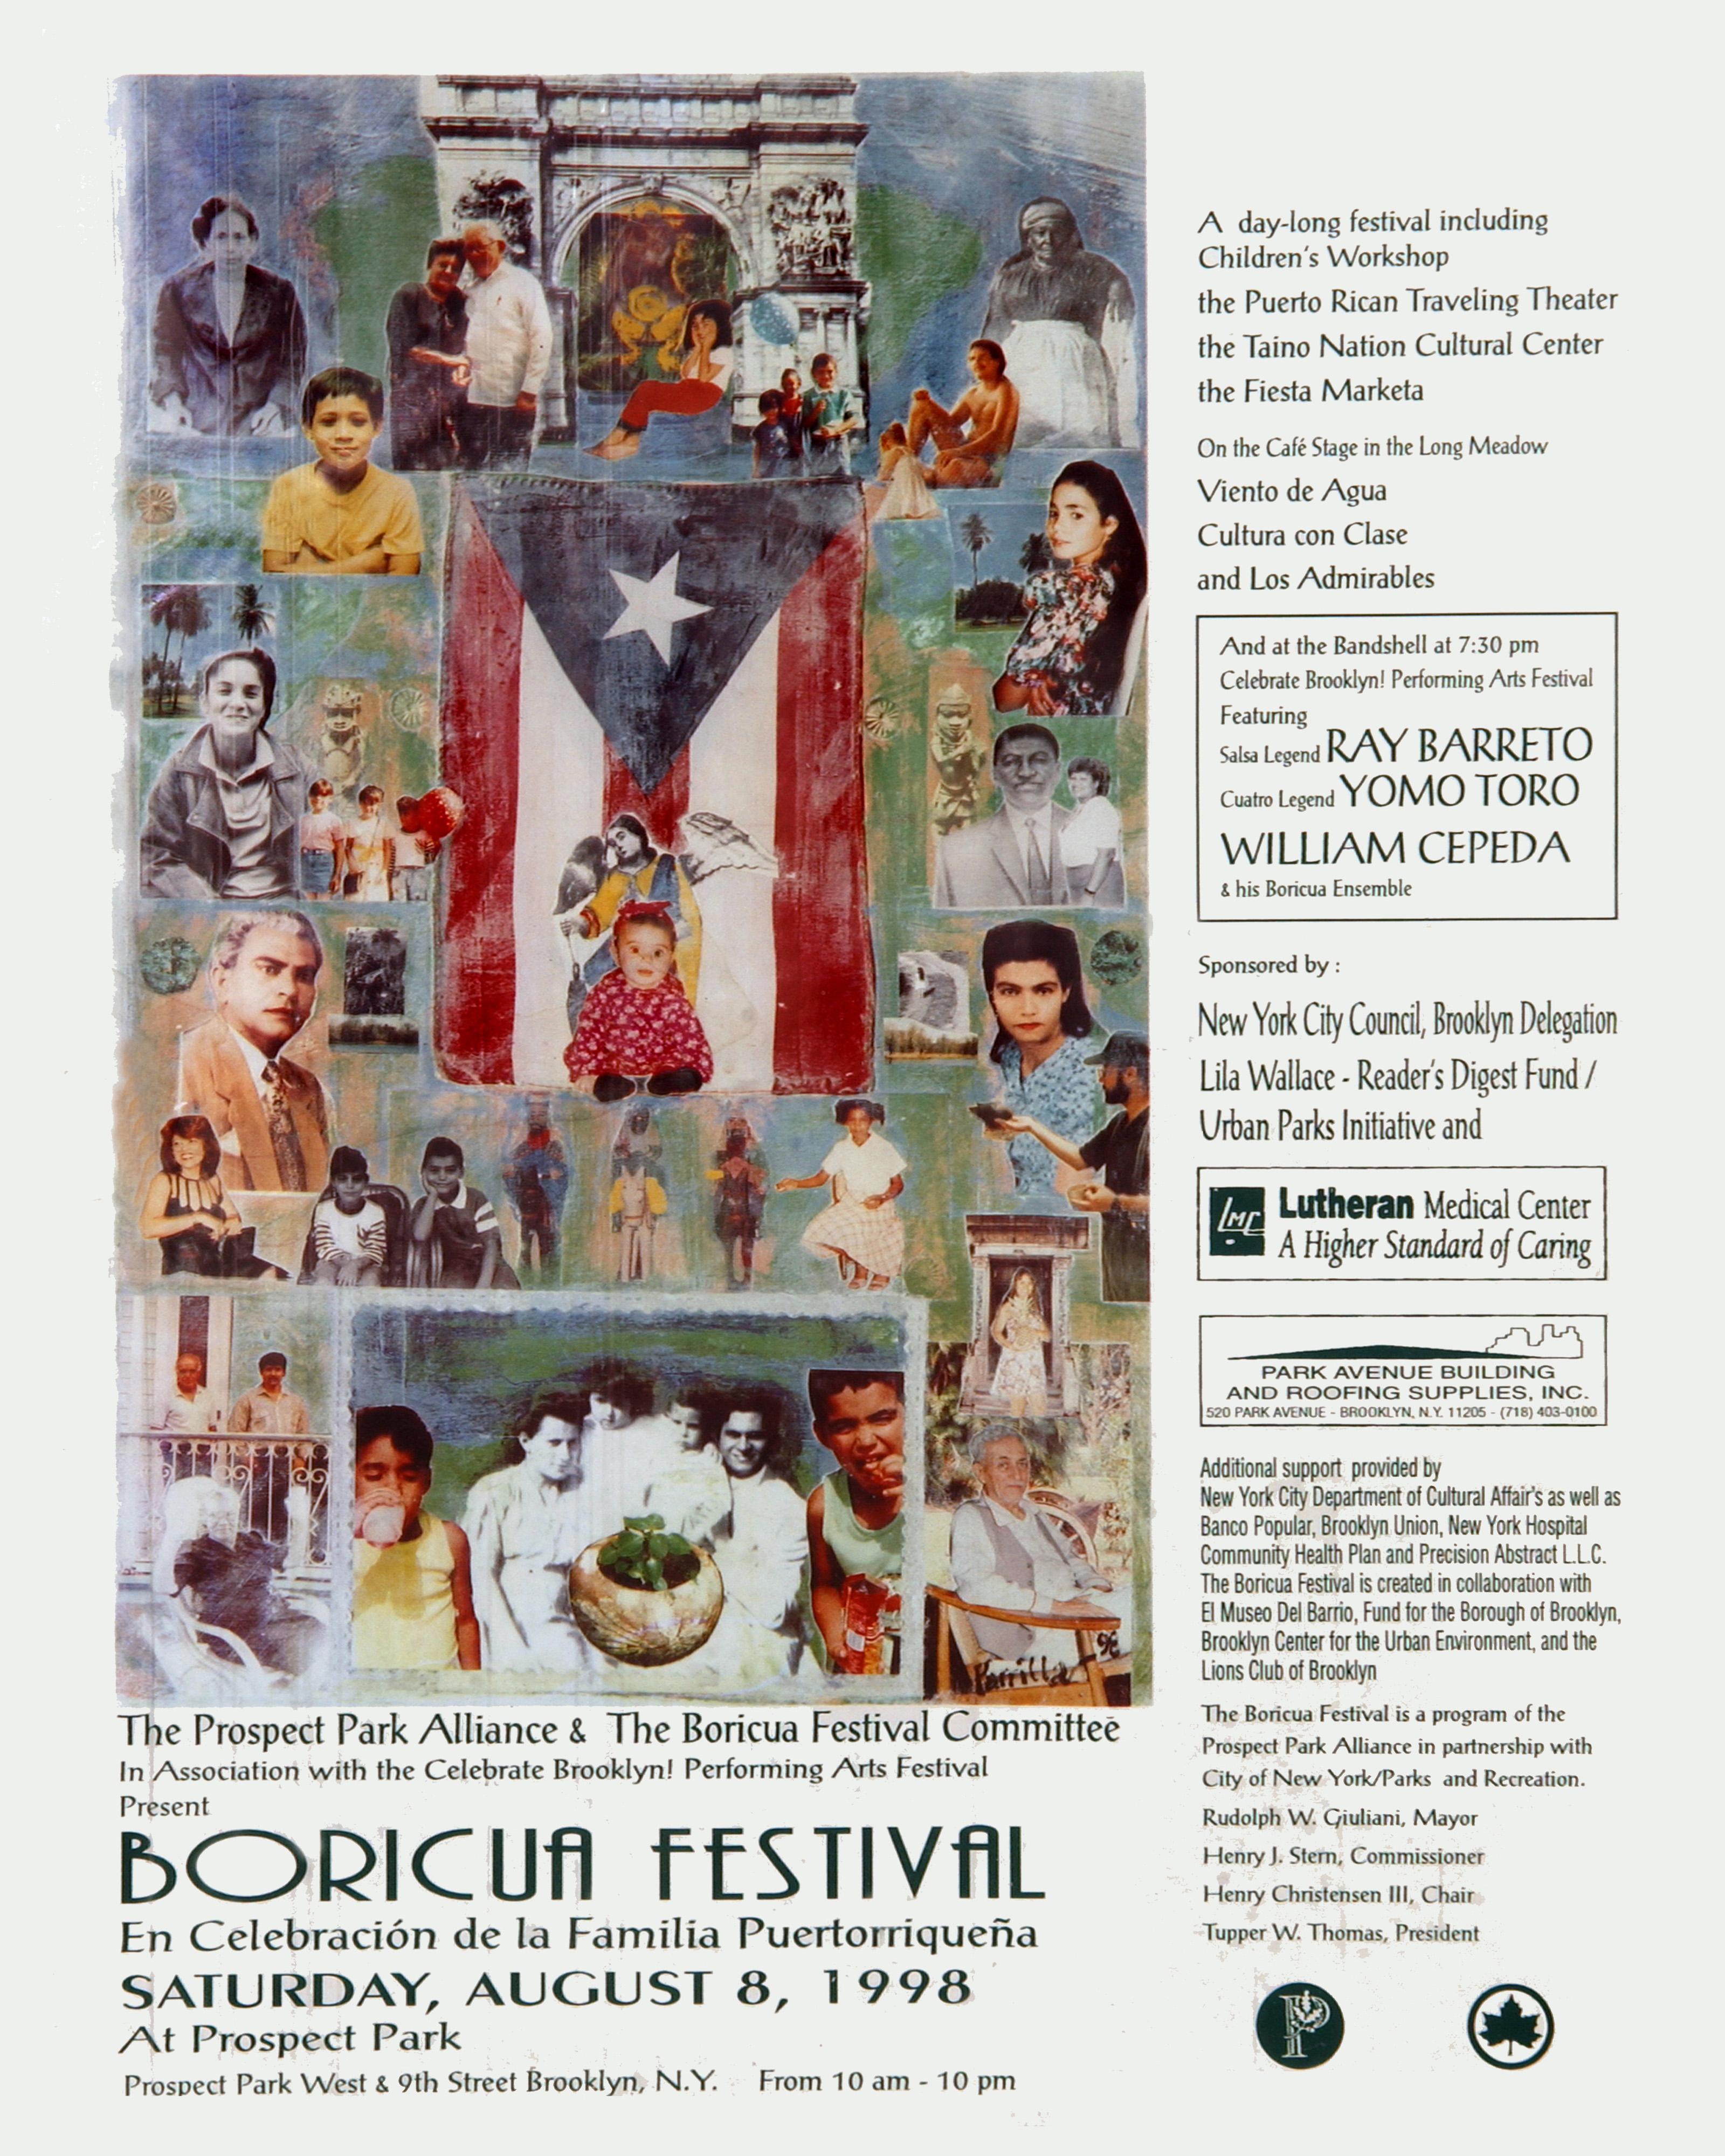 Boricua Festival 1998 Poster